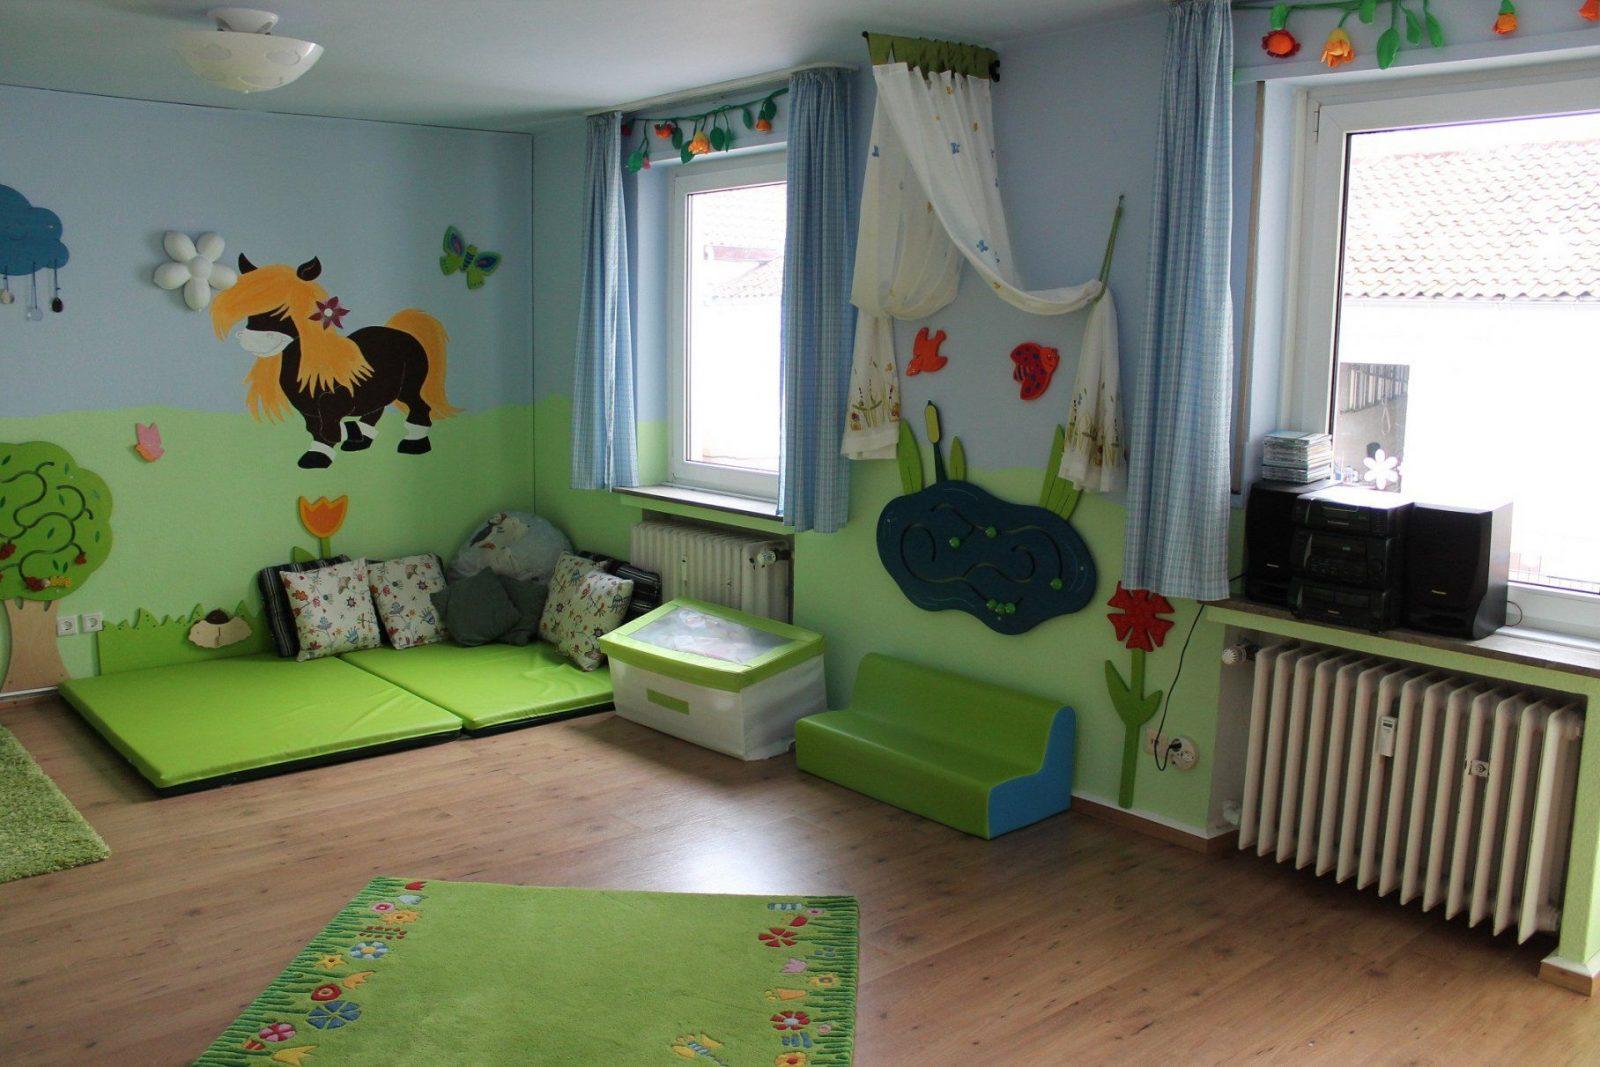 Kindermobel Selber Bauen Kuschelecke Im Kinderzimmer Ganz